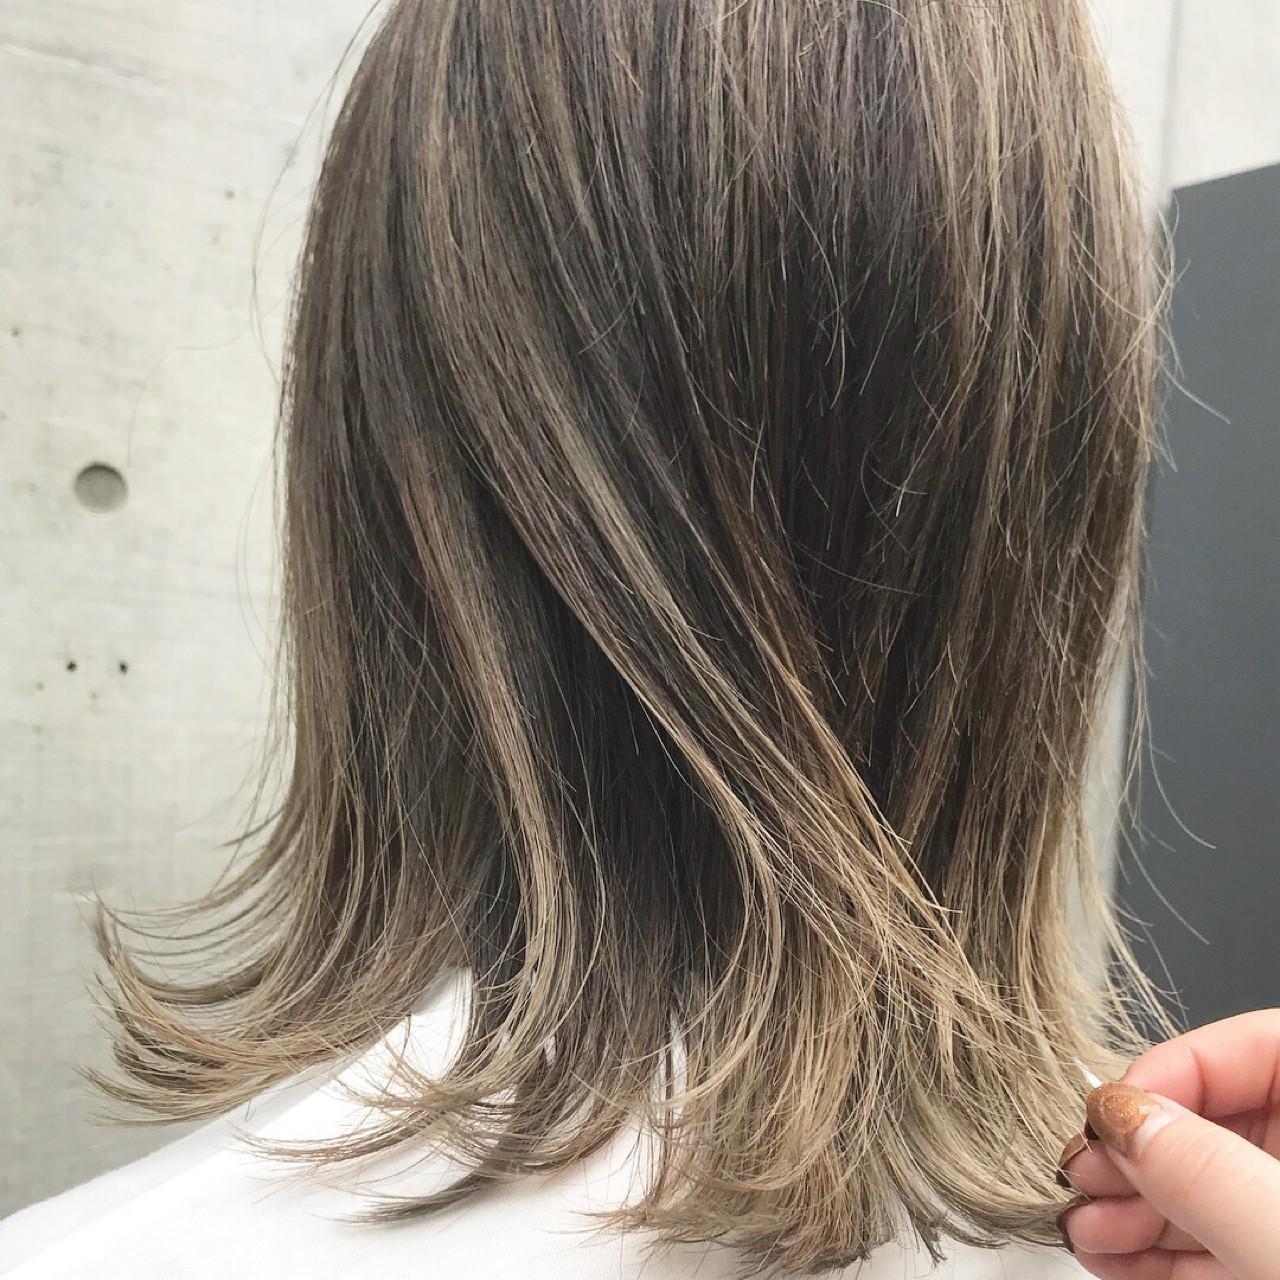 ナチュラル ハイライト ミディアム 外国人風 ヘアスタイルや髪型の写真・画像